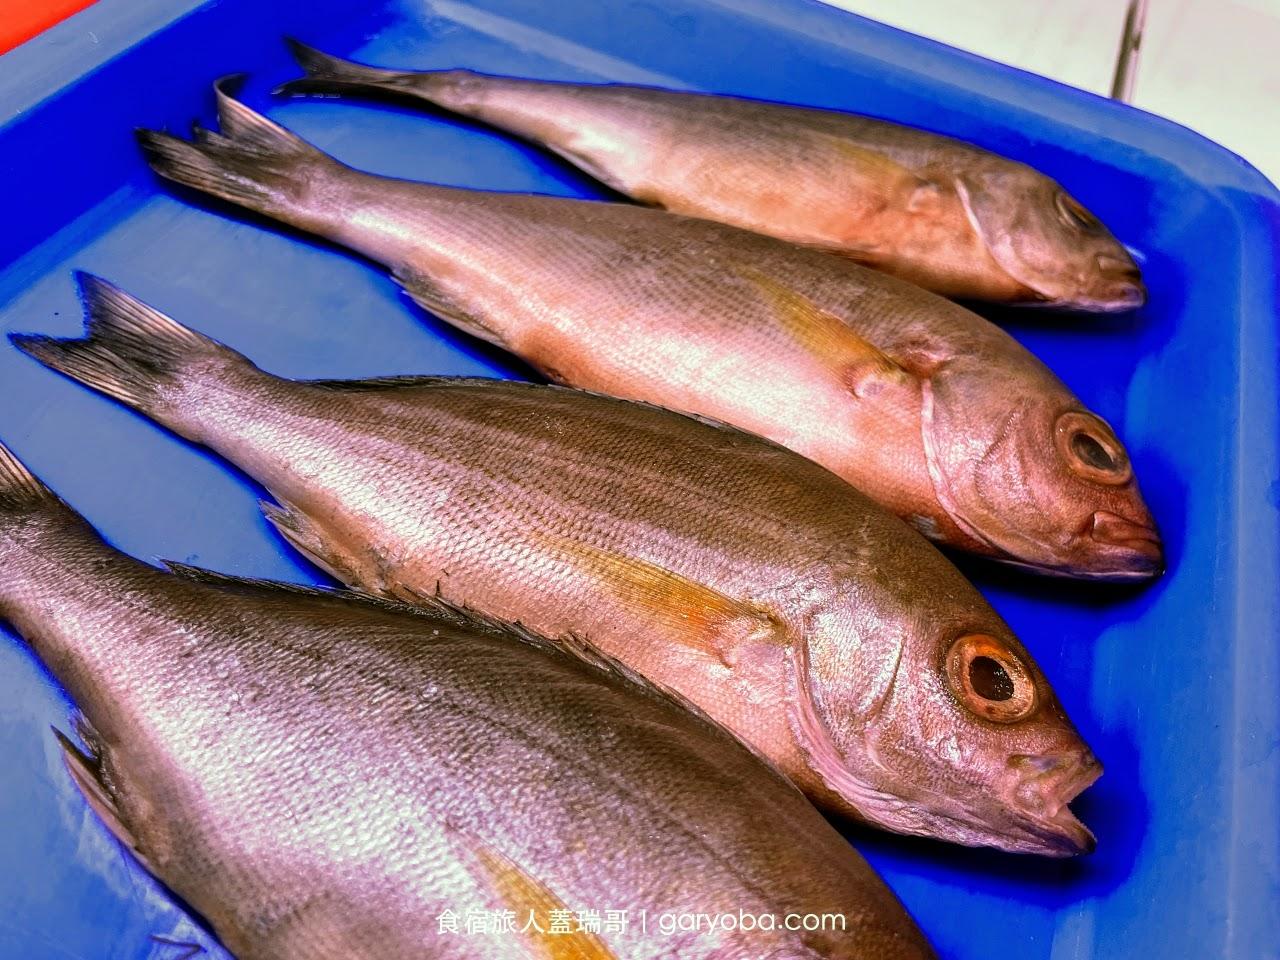 阿香澎湖碳烤。林園海洋溼地公園看倒立水母|499元碳烤海鮮吃到飽